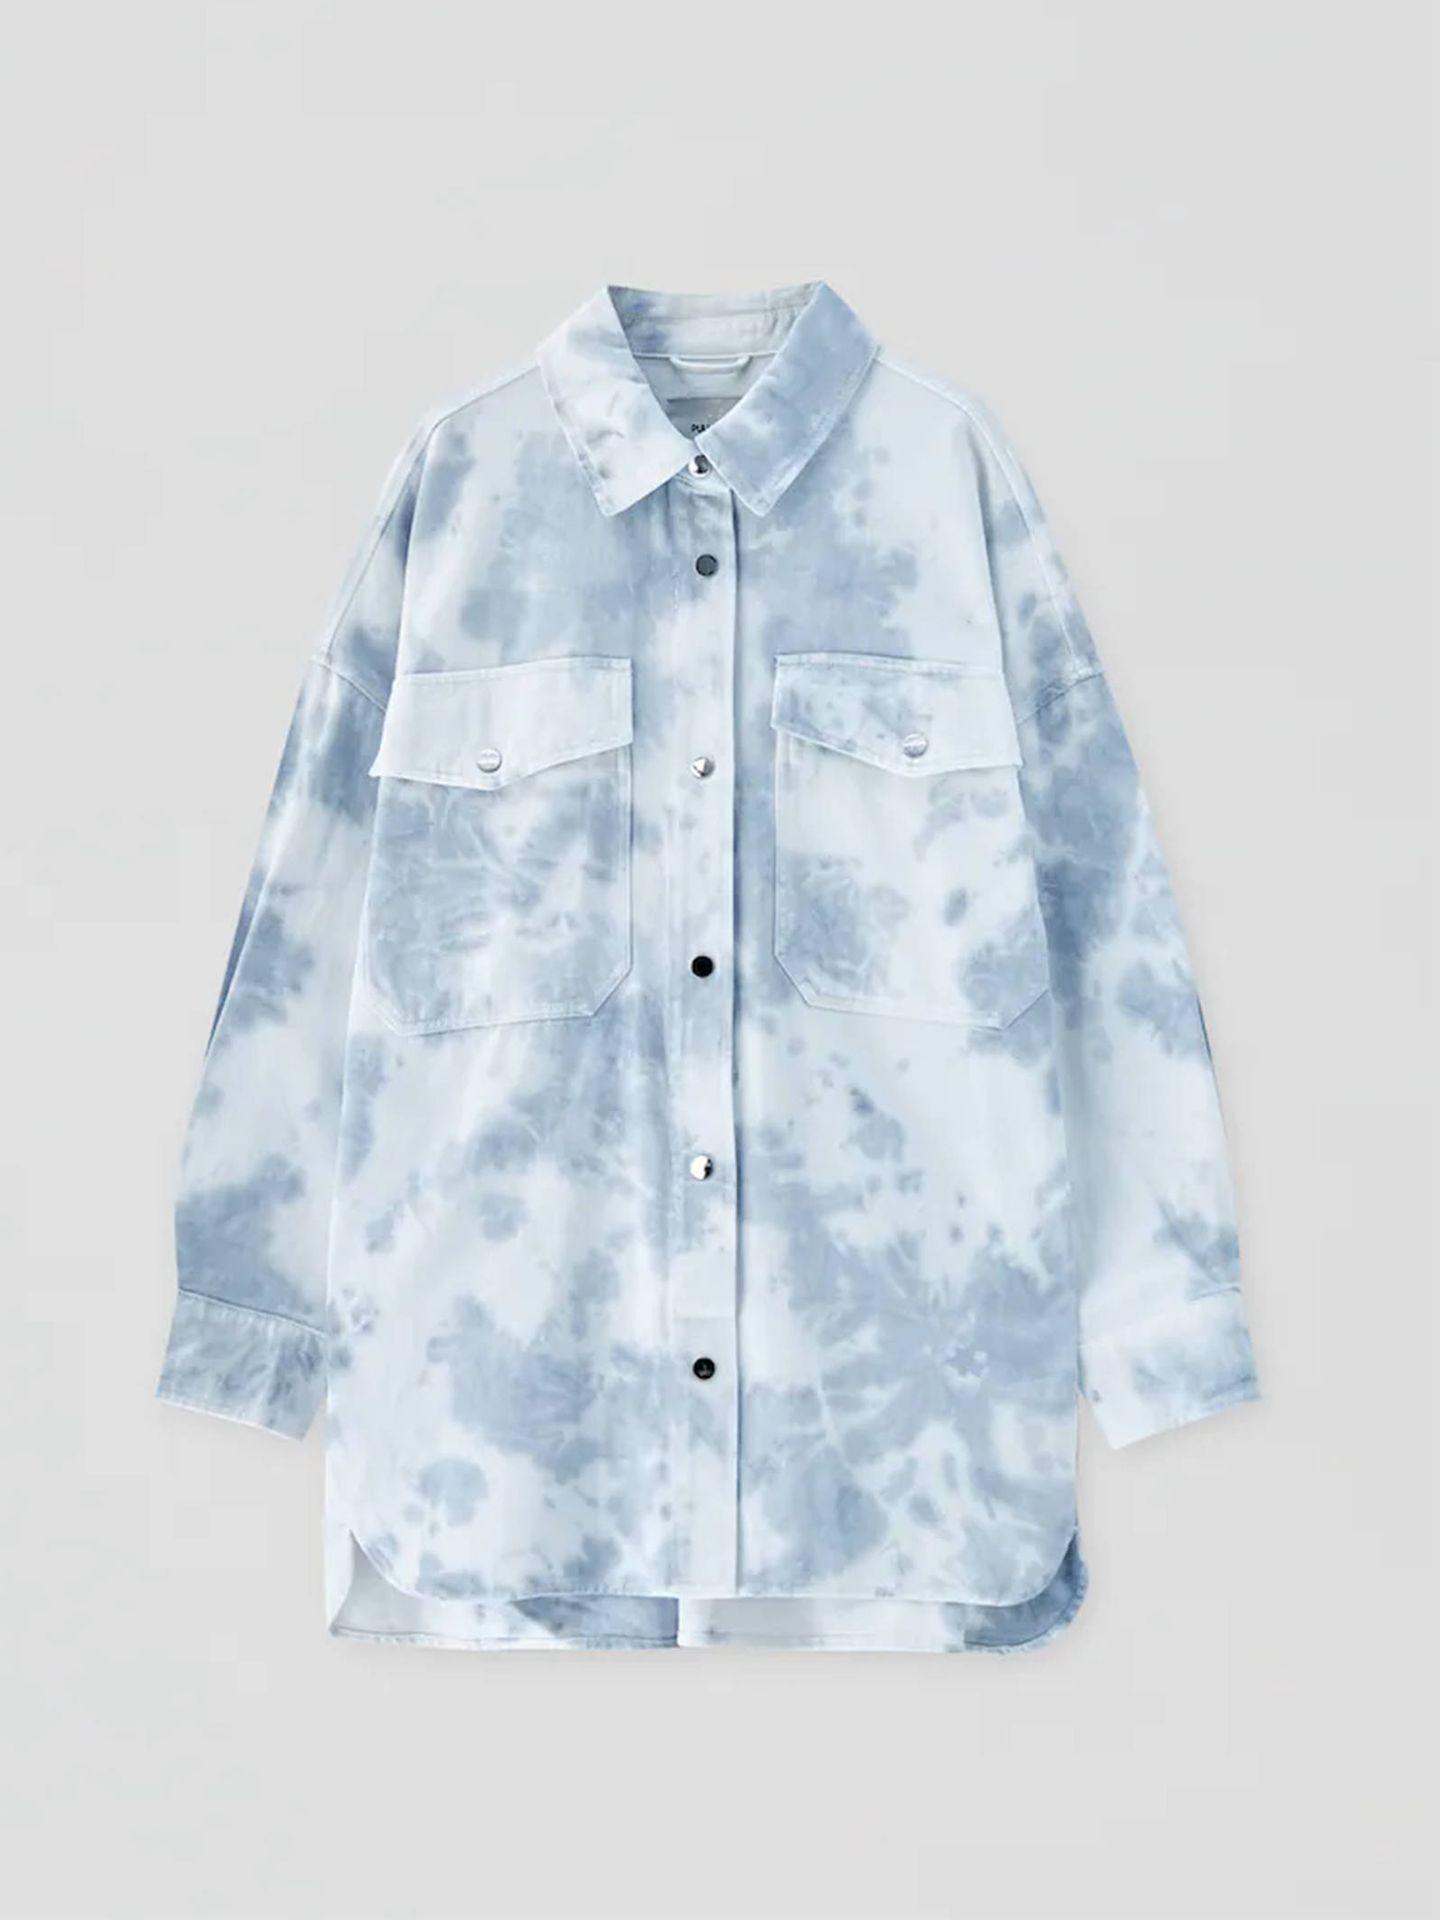 Sobrecamisa tie-dye de Pull and Bear en azul. (Cortesía)